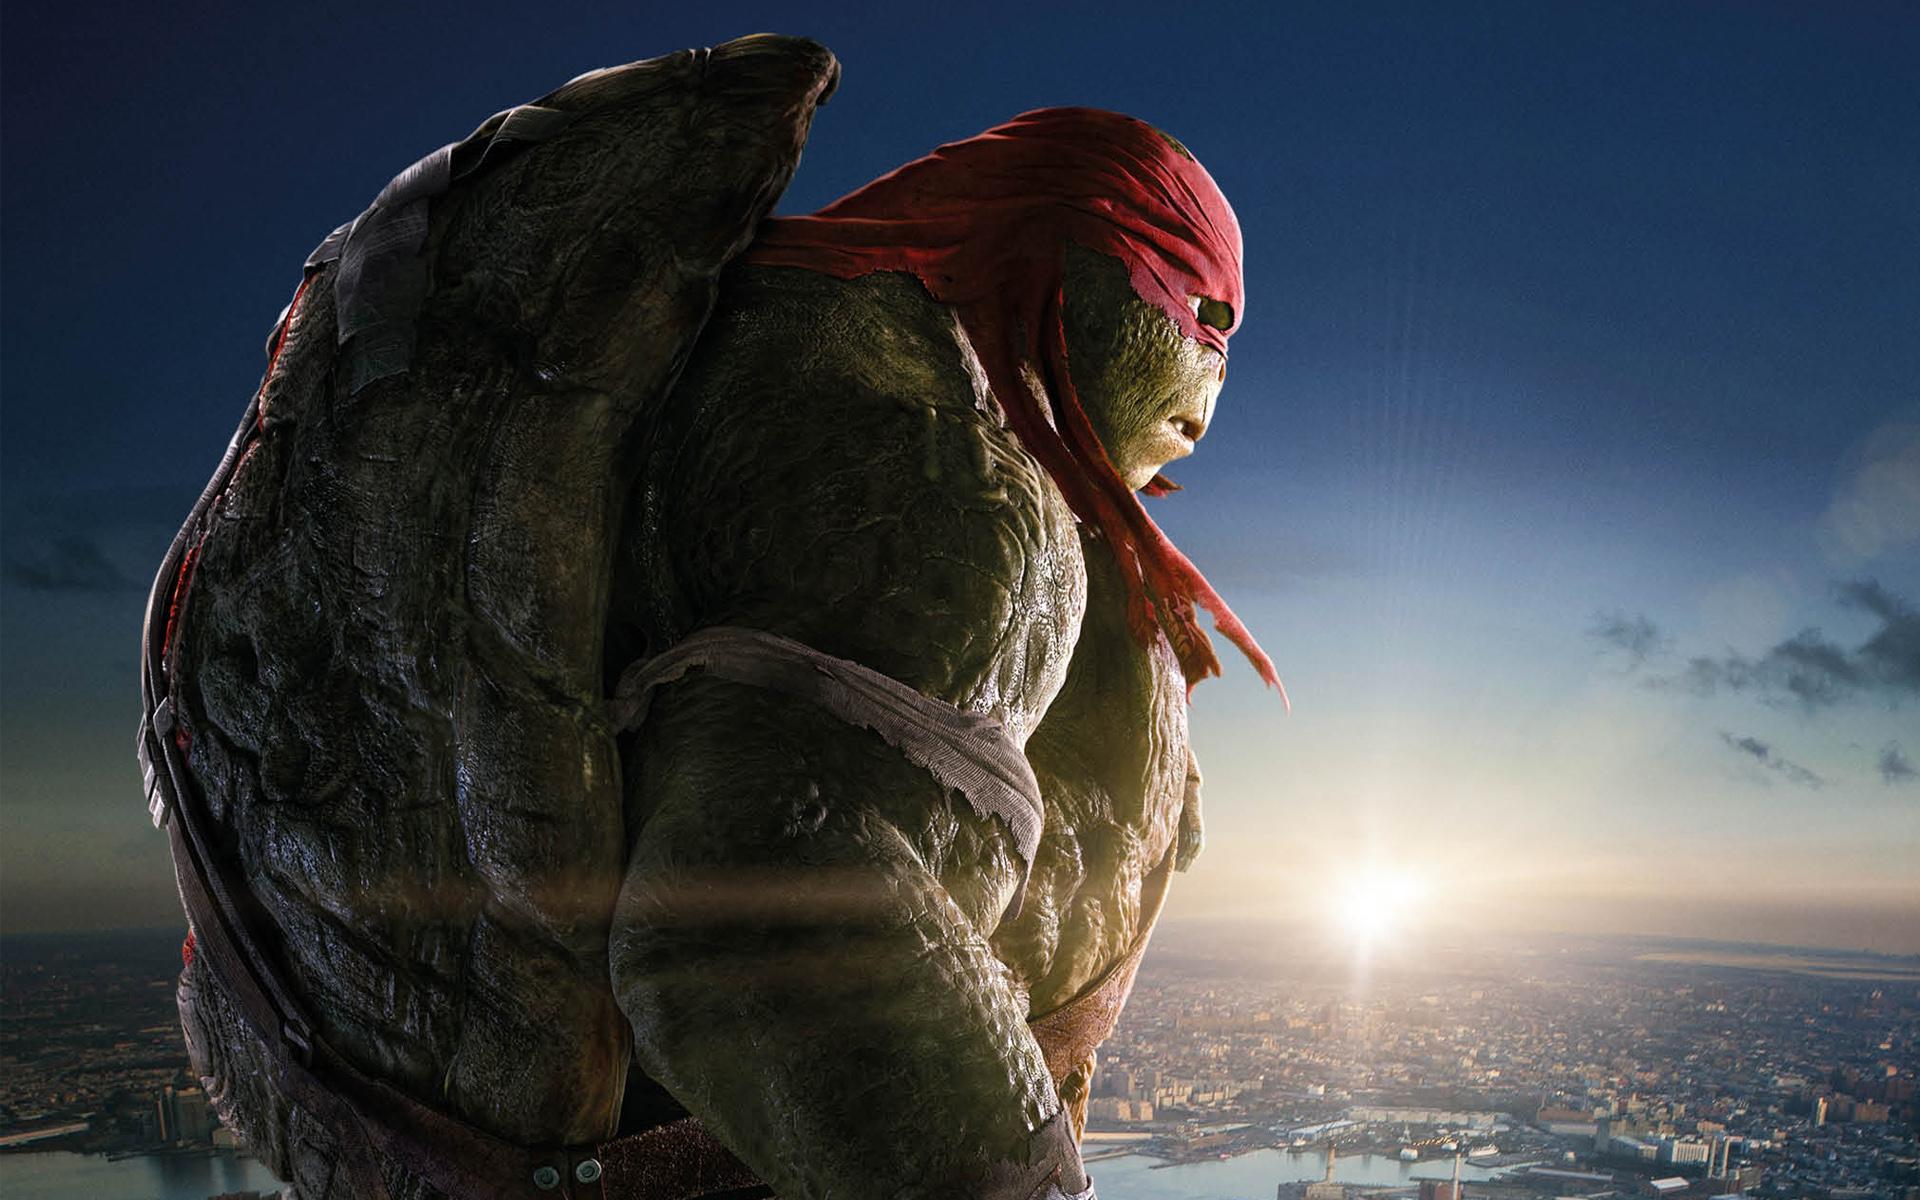 Raphael In Teenage Mutant Ninja Turtles Wallpapers Wallpapers Hd